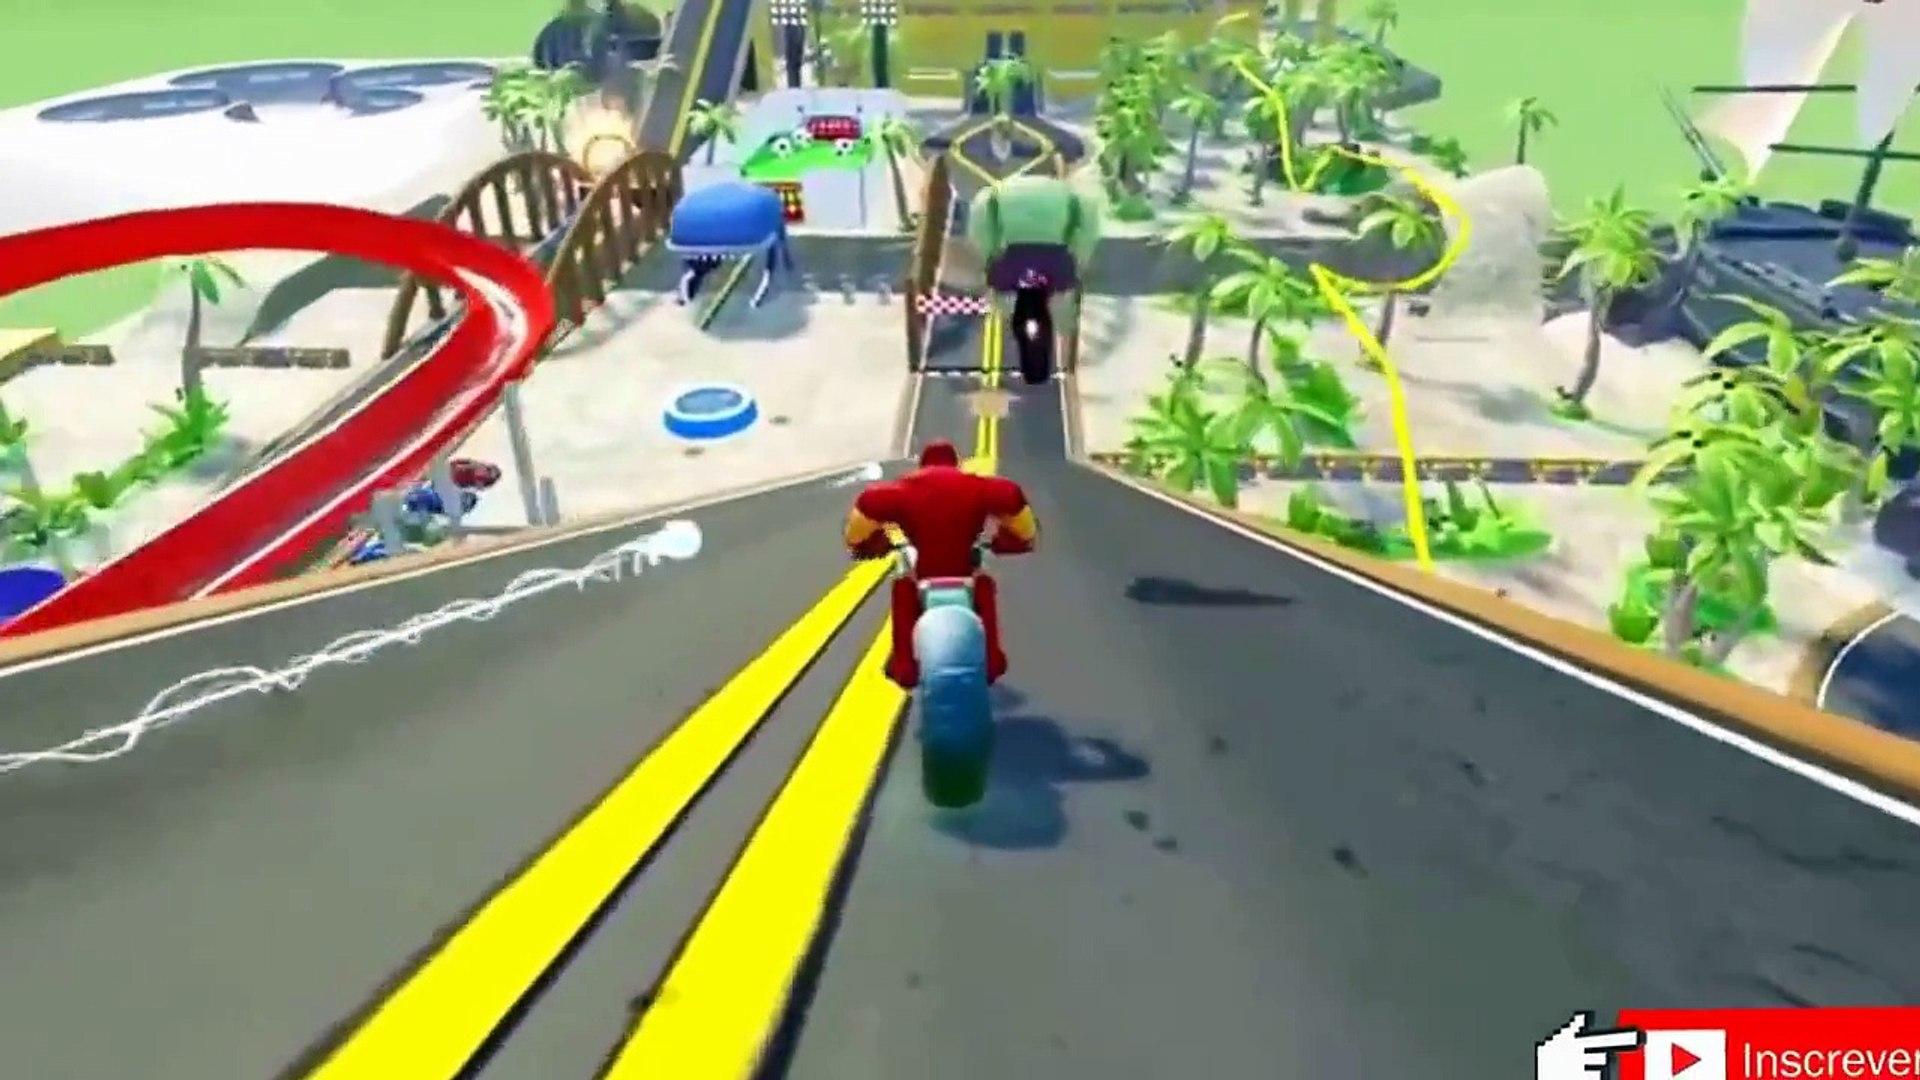 Jogo do Homem Aranha & Groot jogar com carros engraçados de DCTV